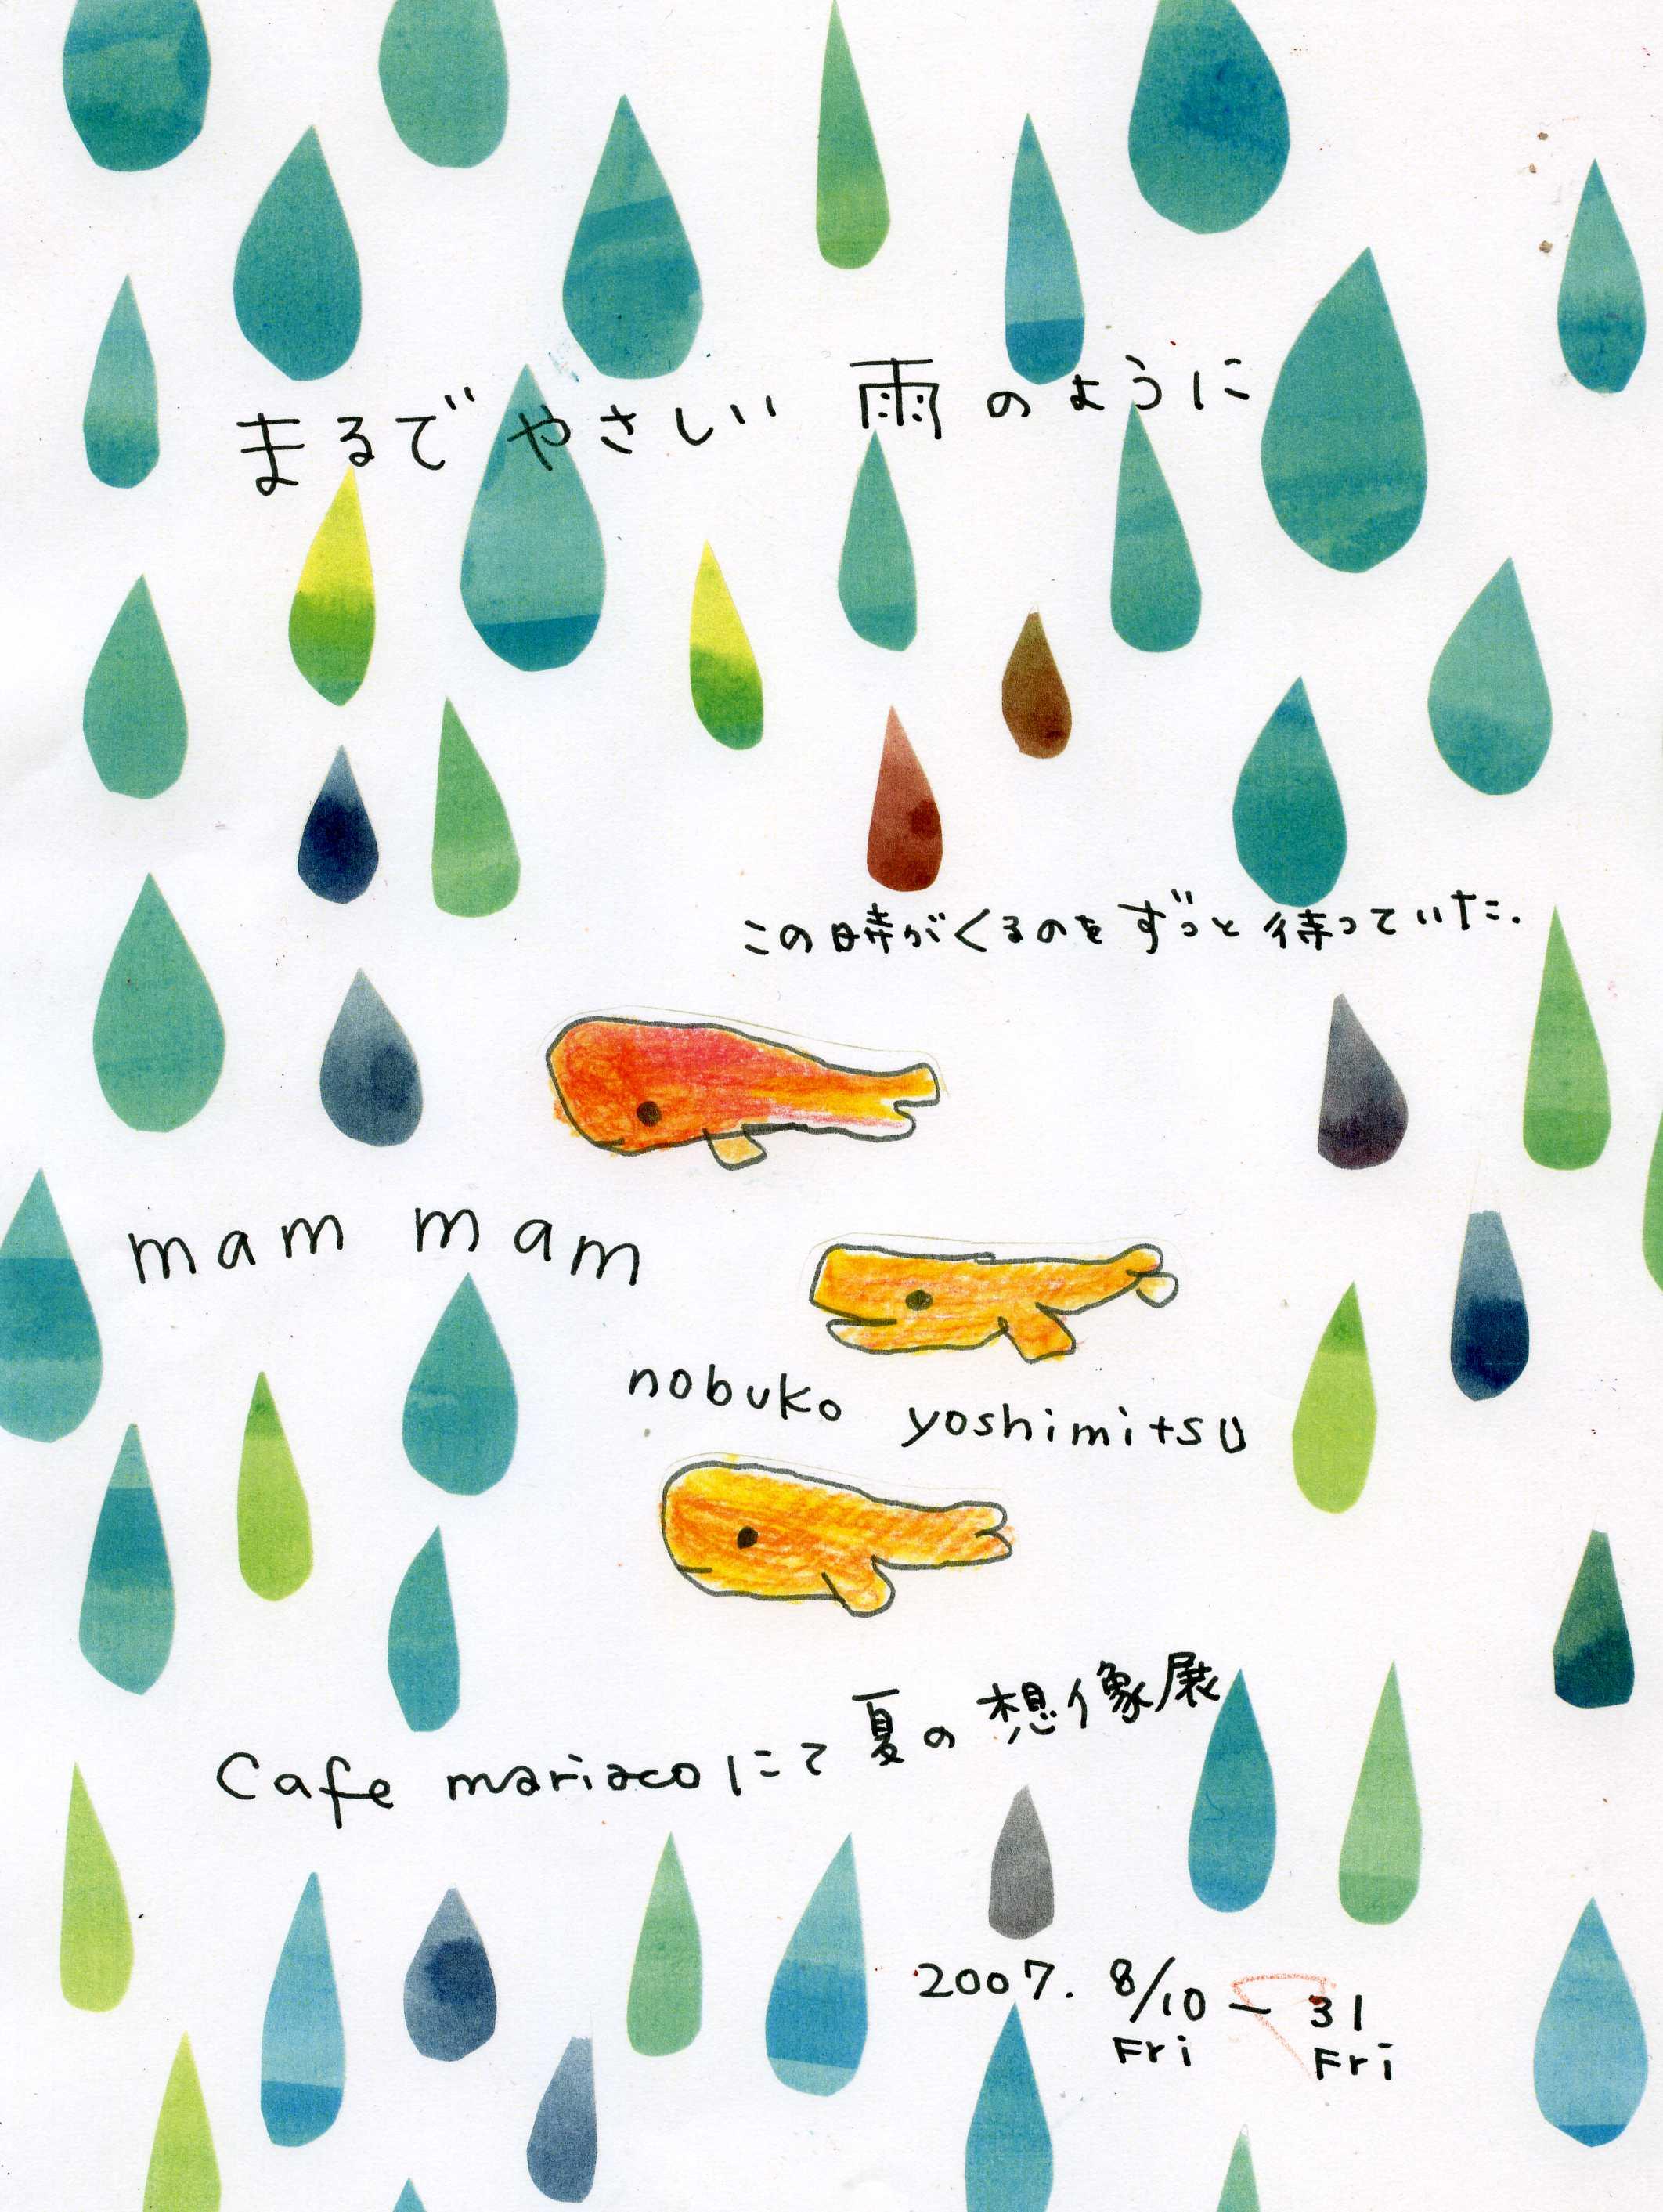 まるでやさしい雨のように_e0016687_2443874.jpg